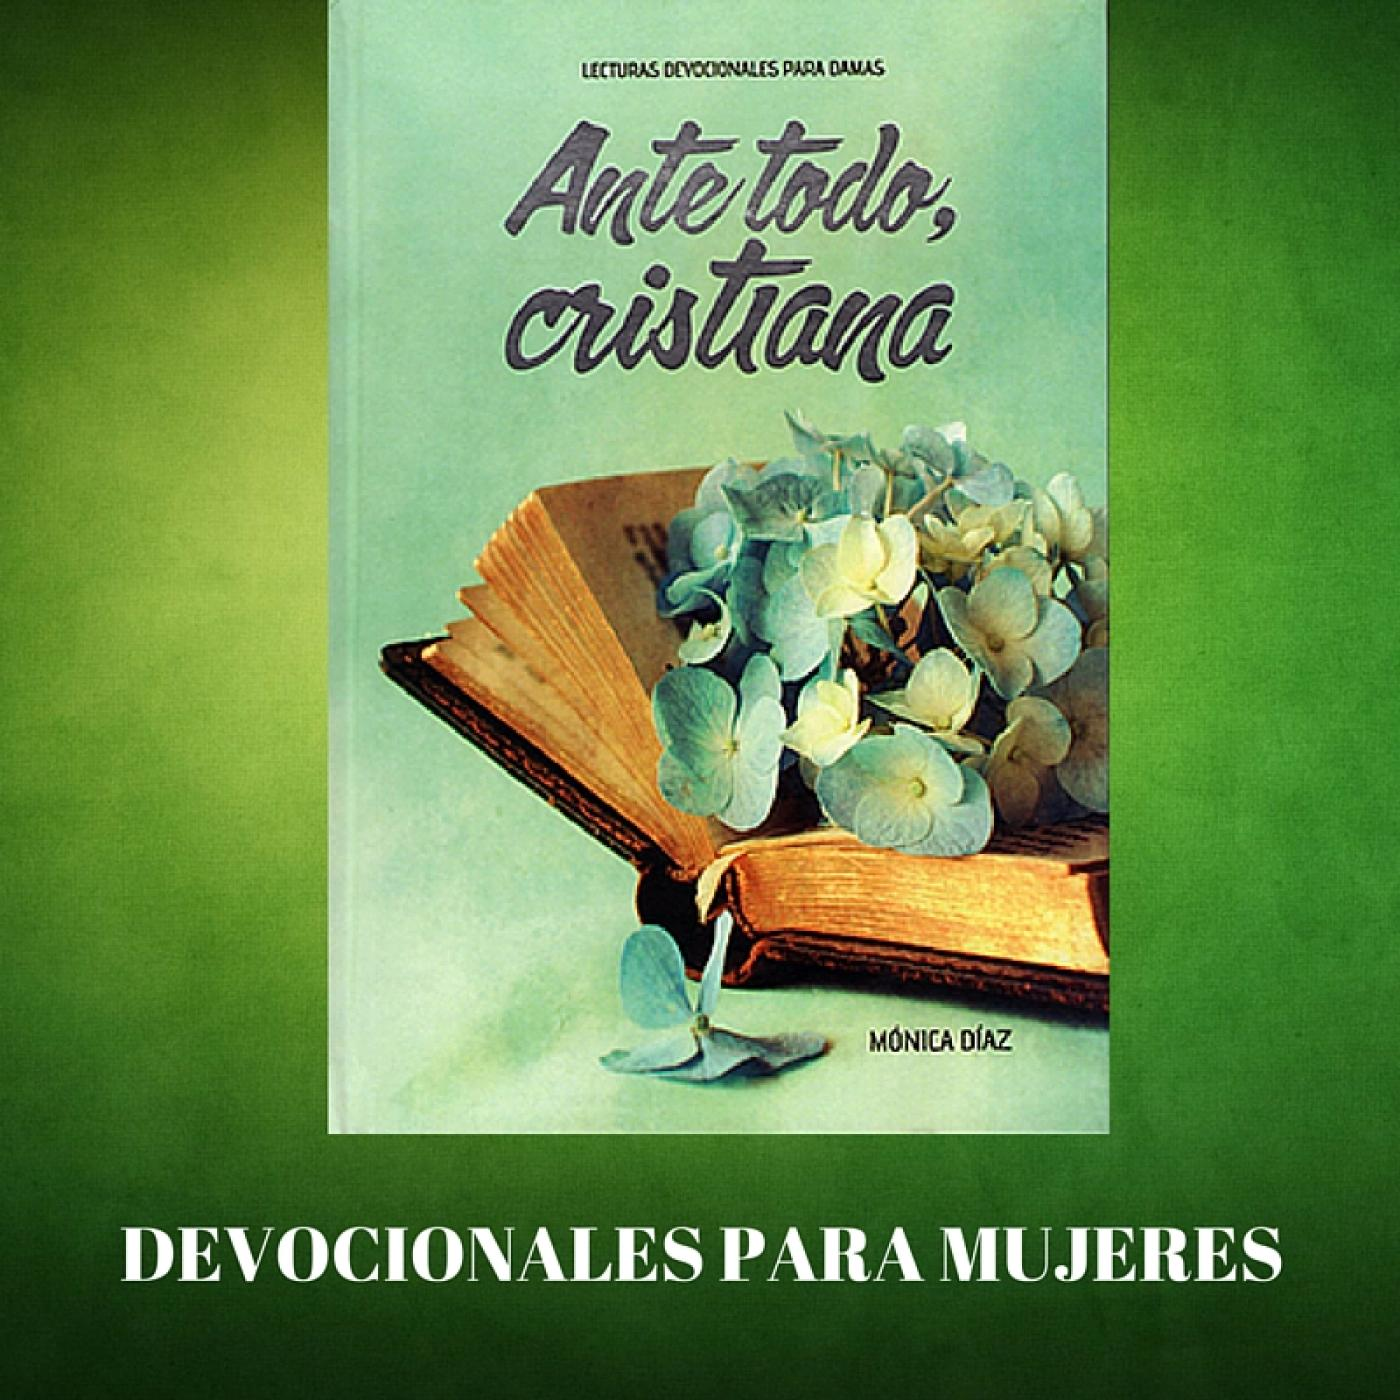 <![CDATA[Devocionales Cristianos para Mujeres]]>